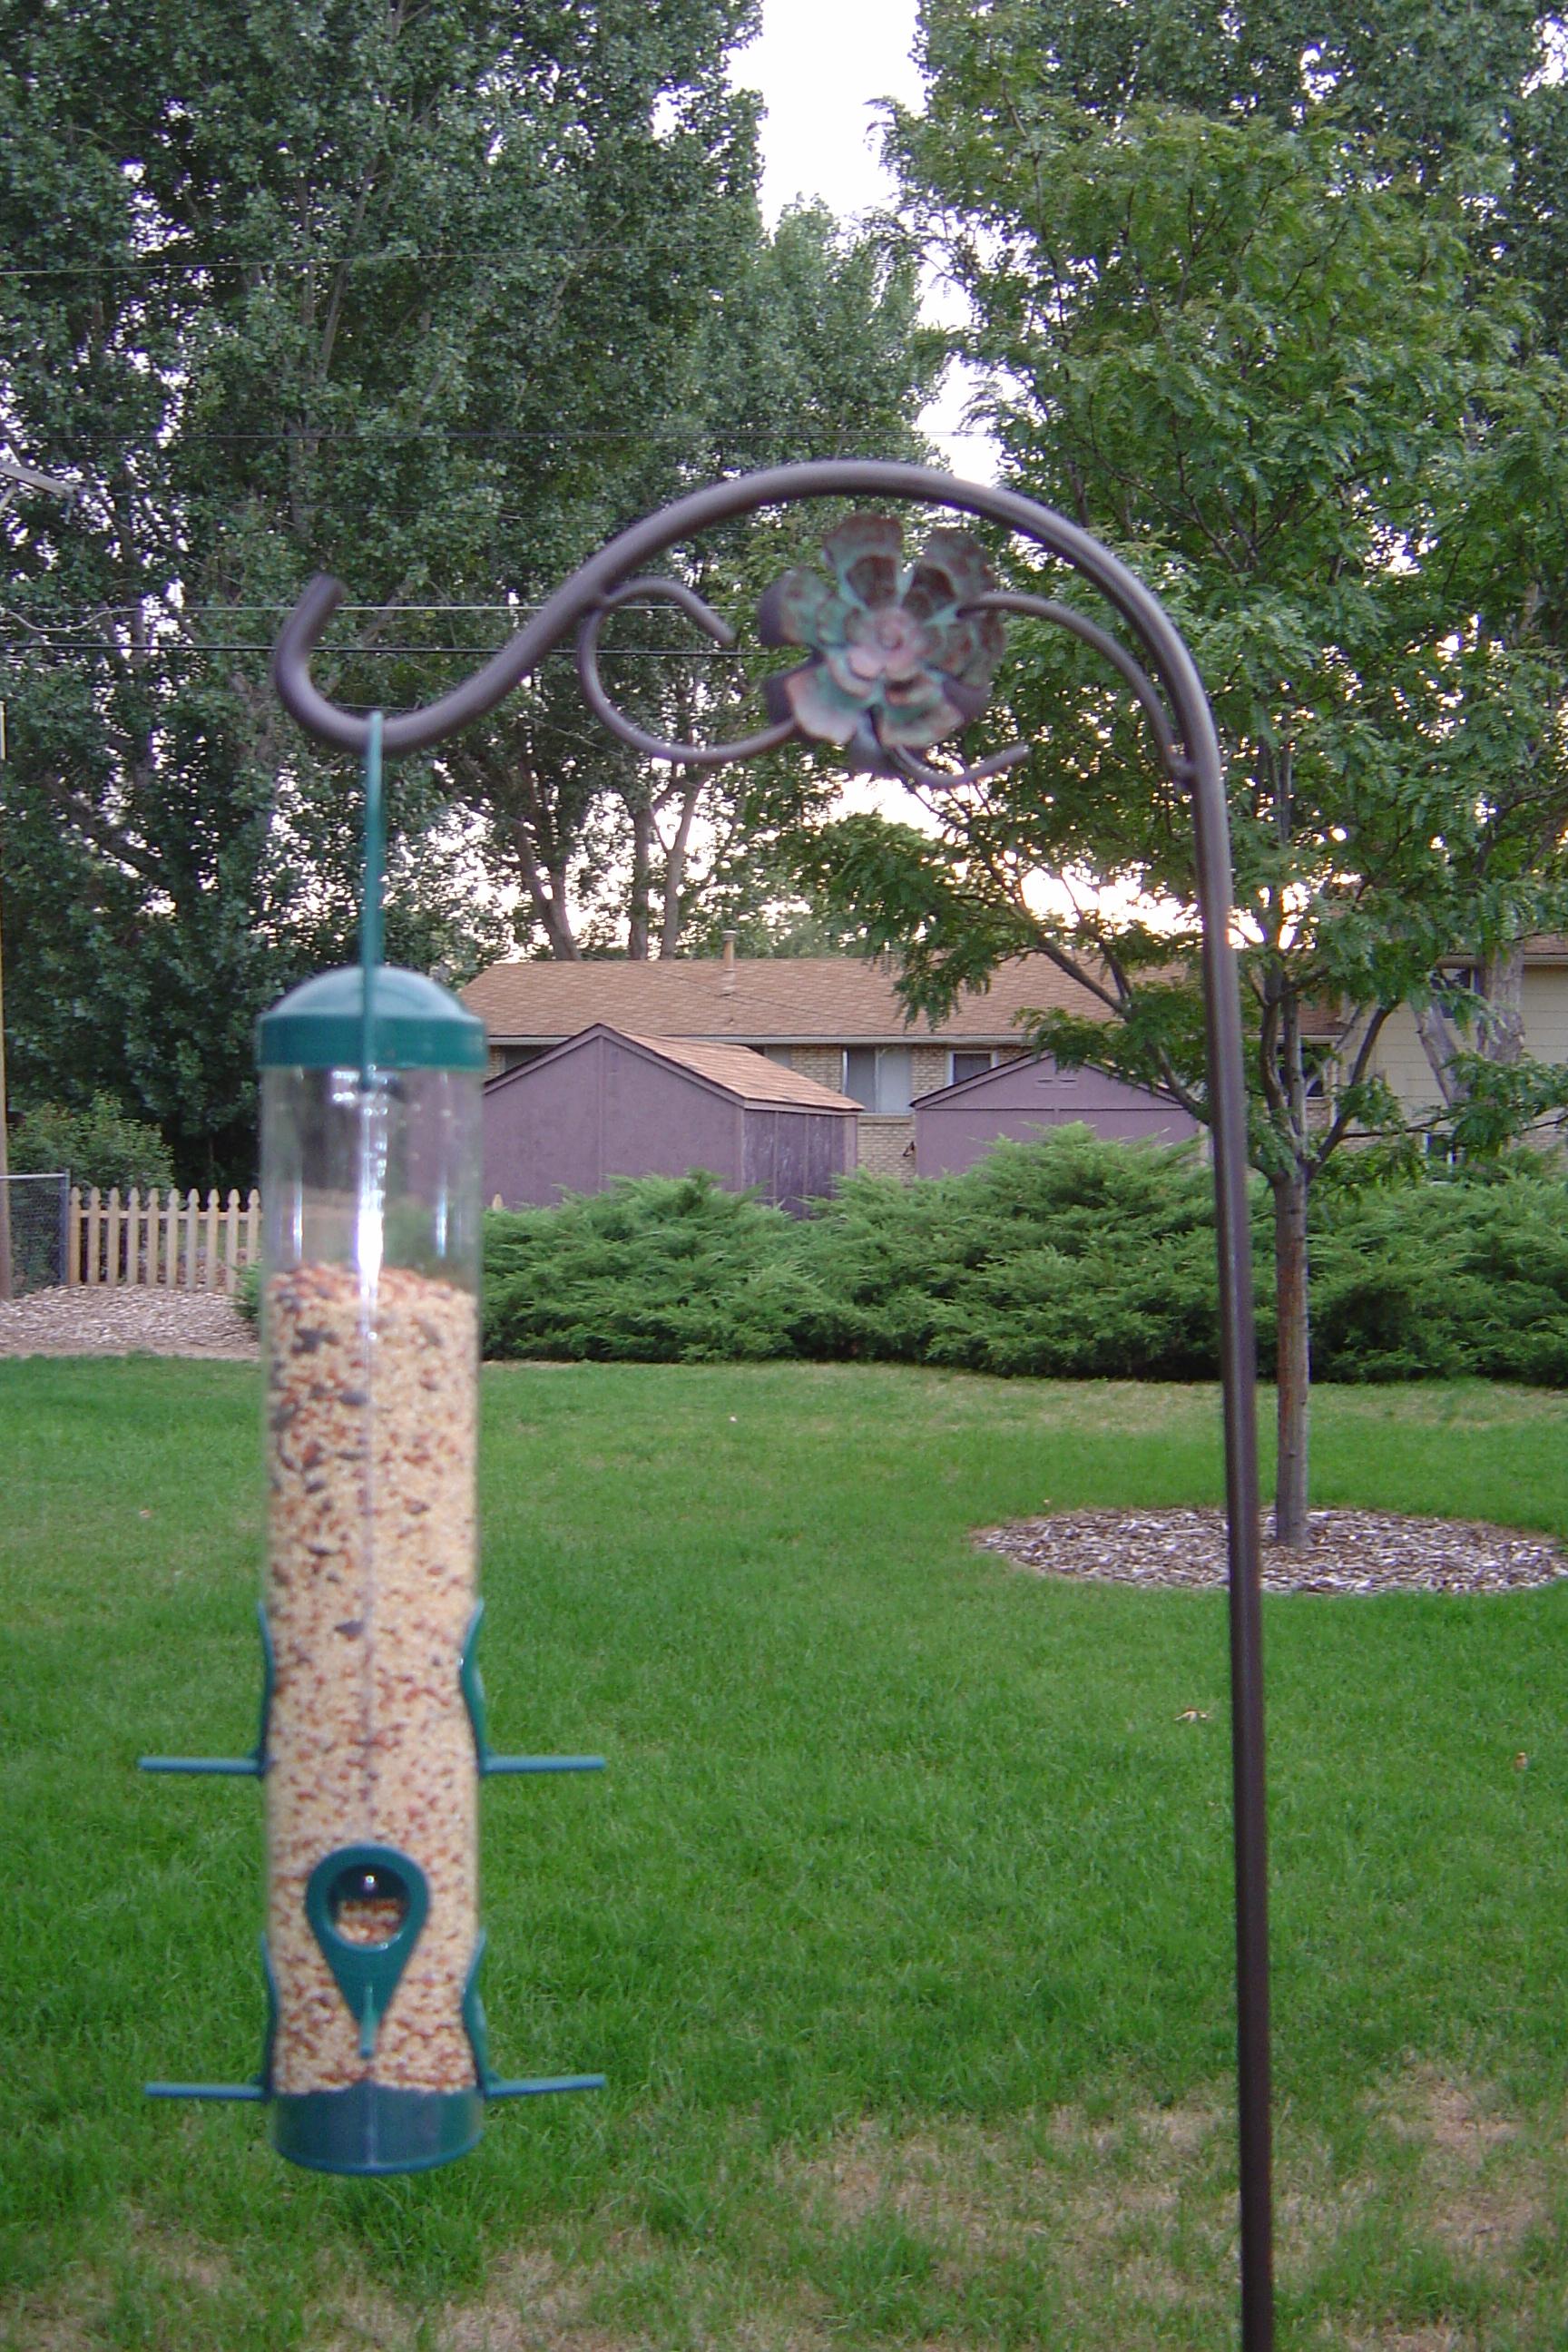 Our little birdfeeder